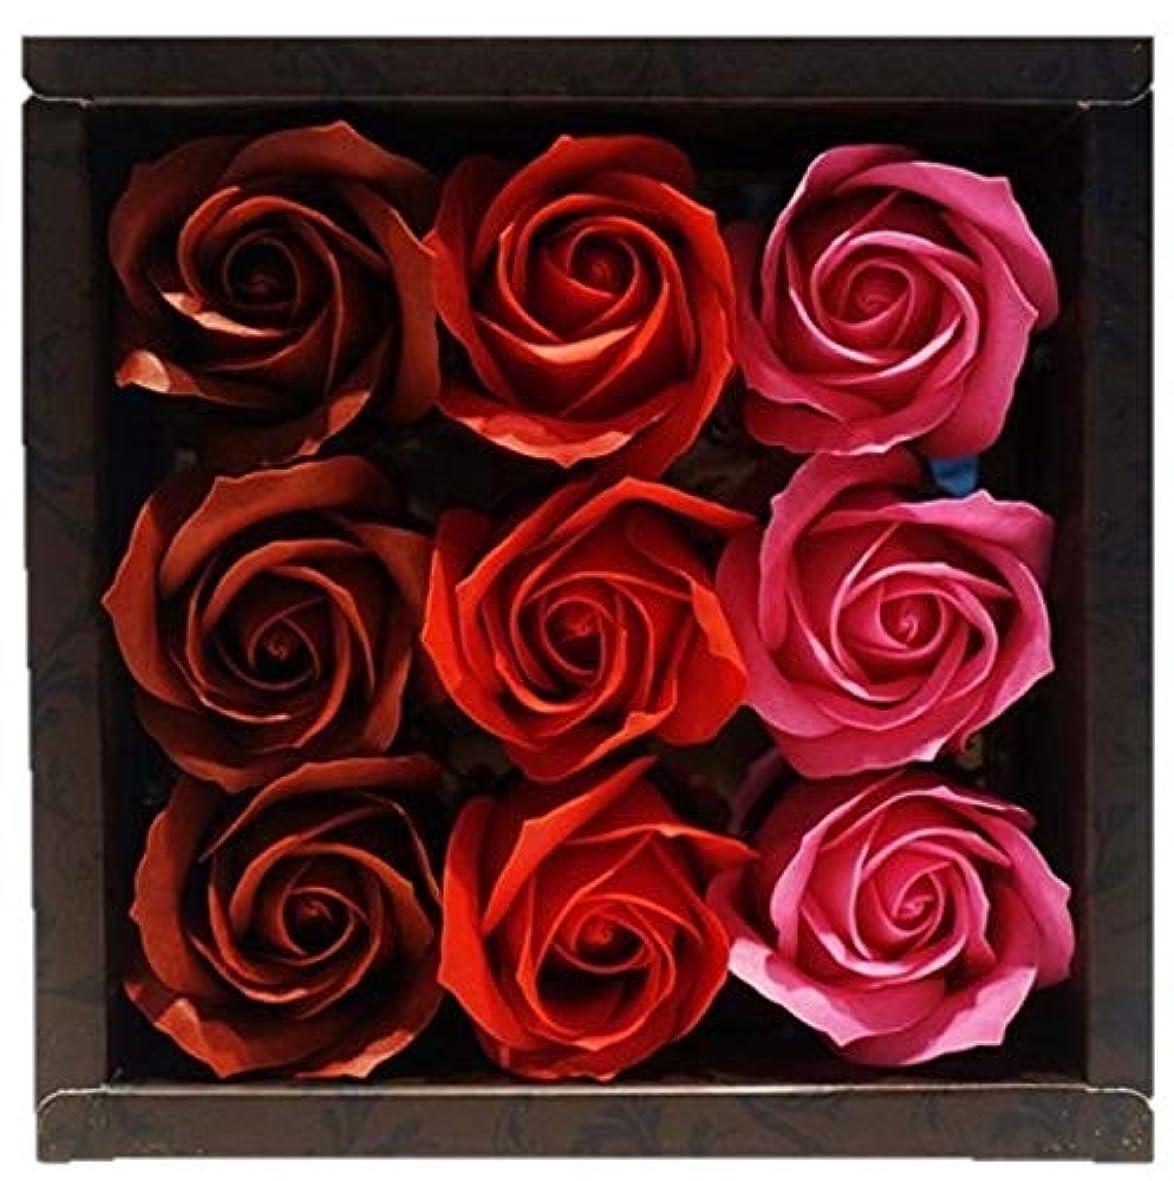 特性ロック解除空虚バスフレグランス バスフラワー ローズフレグランス レッドカラー お花の形の入浴剤 プレゼント ばら